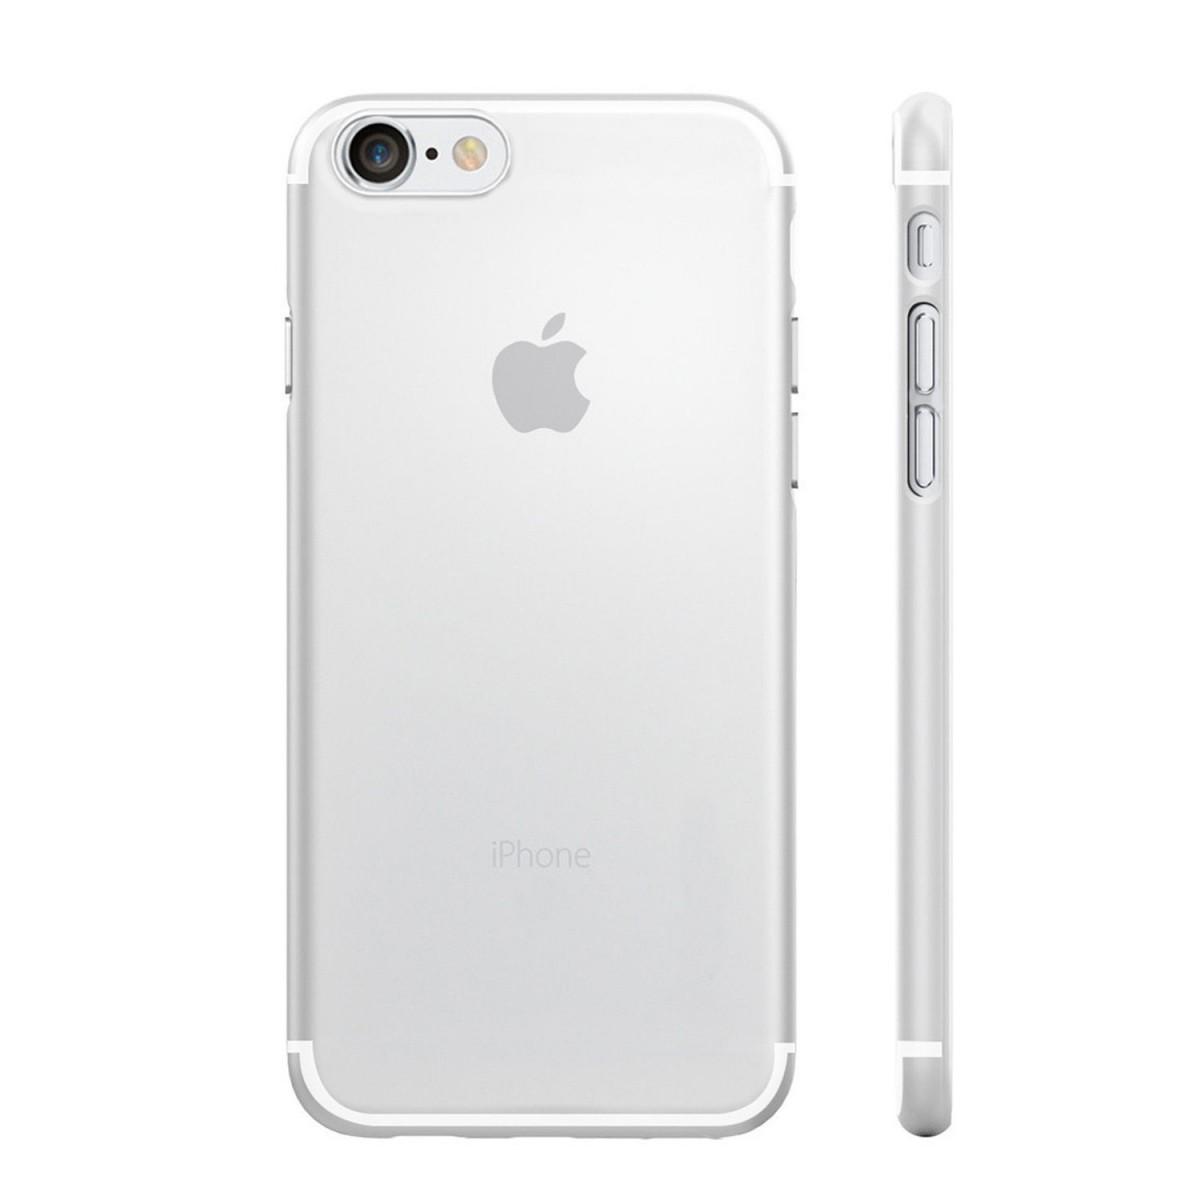 Průhledný kryt na iPhone 7 (fólie a stylus ZDARMA)